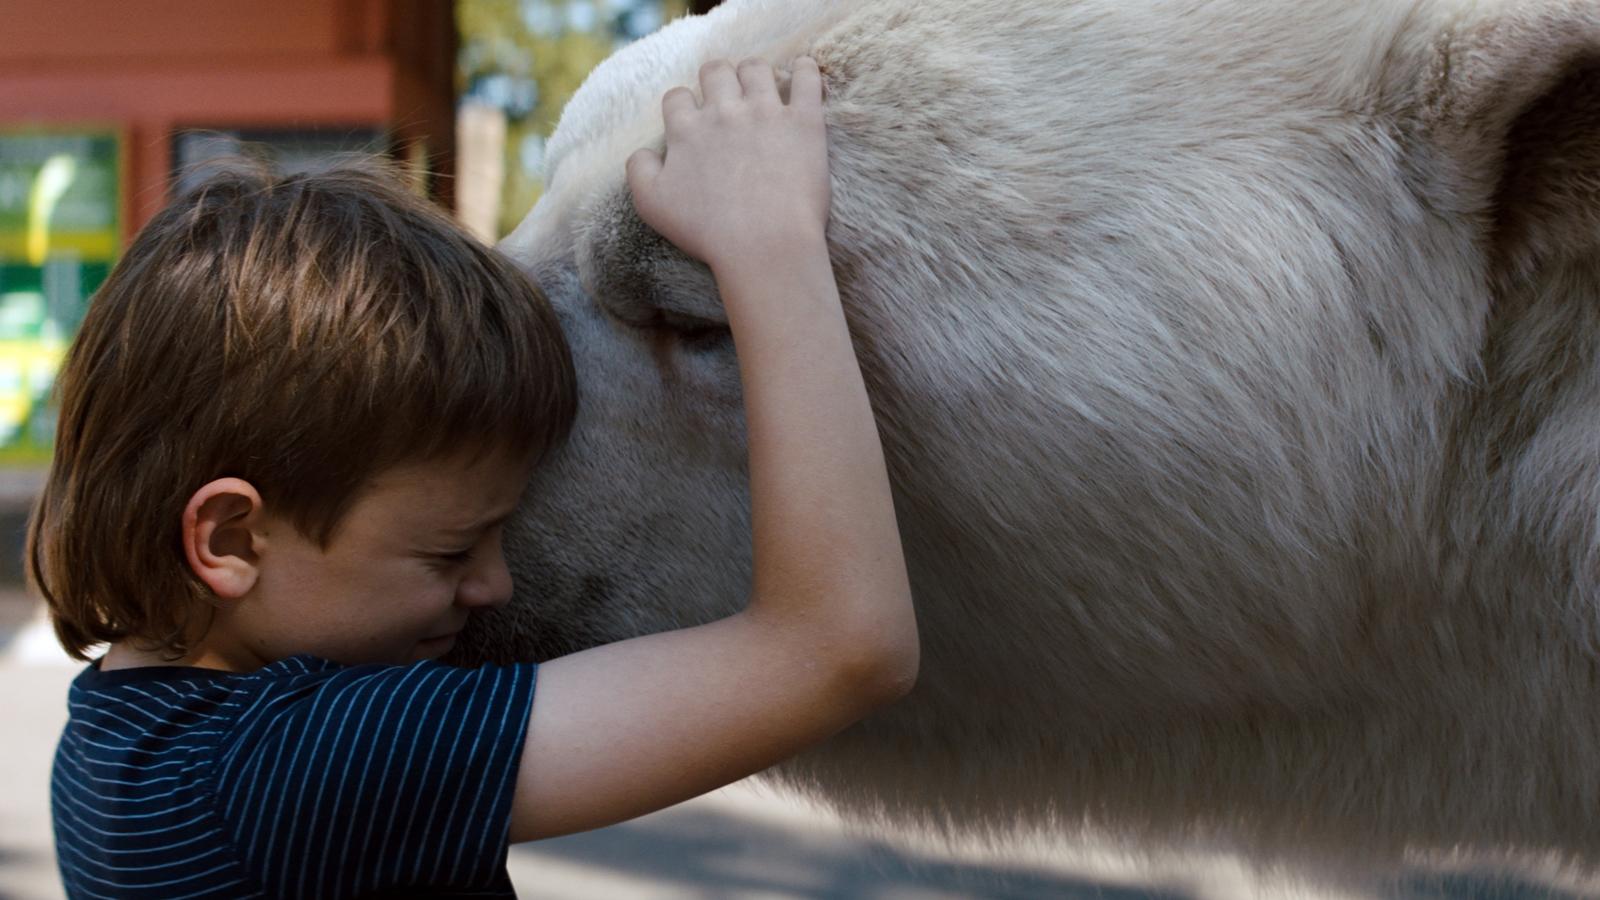 Disney+ : Timmy Failure, une ode drôle et décalée à l'imagination des enfants, par le réalisateur de Spotlight